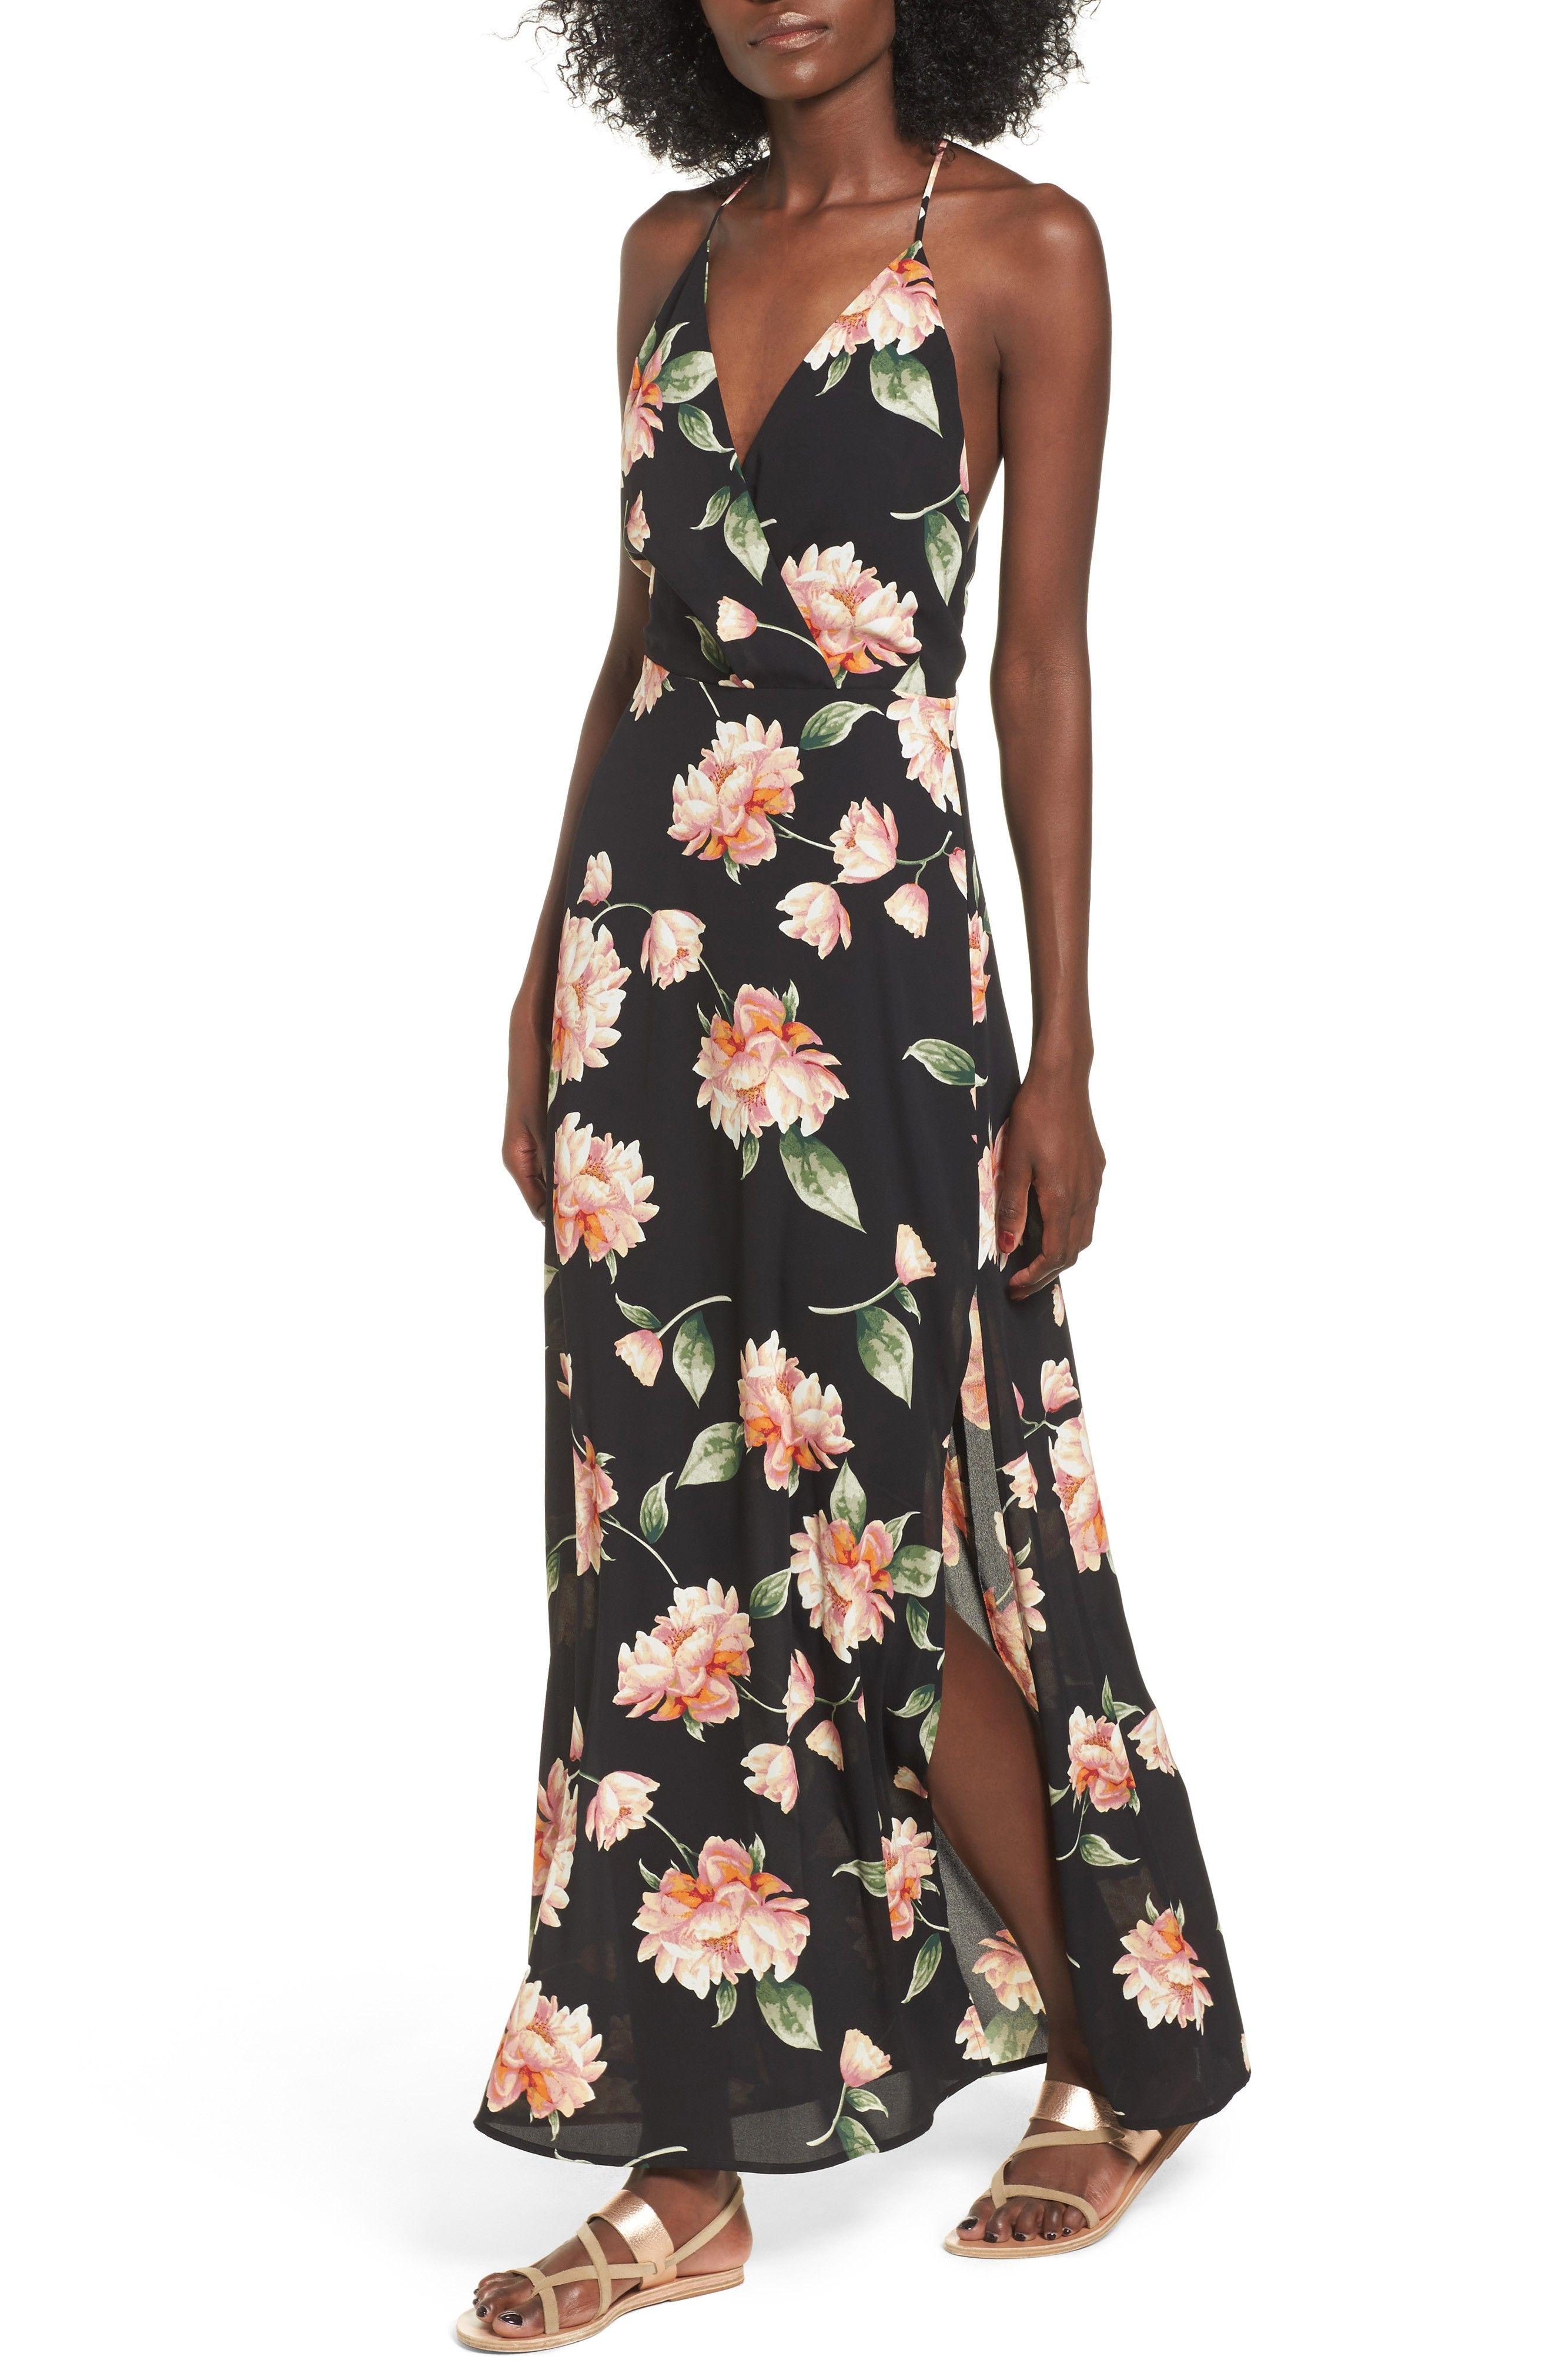 Surplice Maxi Dress Dresses Maxi Dress Nordstrom Dresses [ 4048 x 2640 Pixel ]